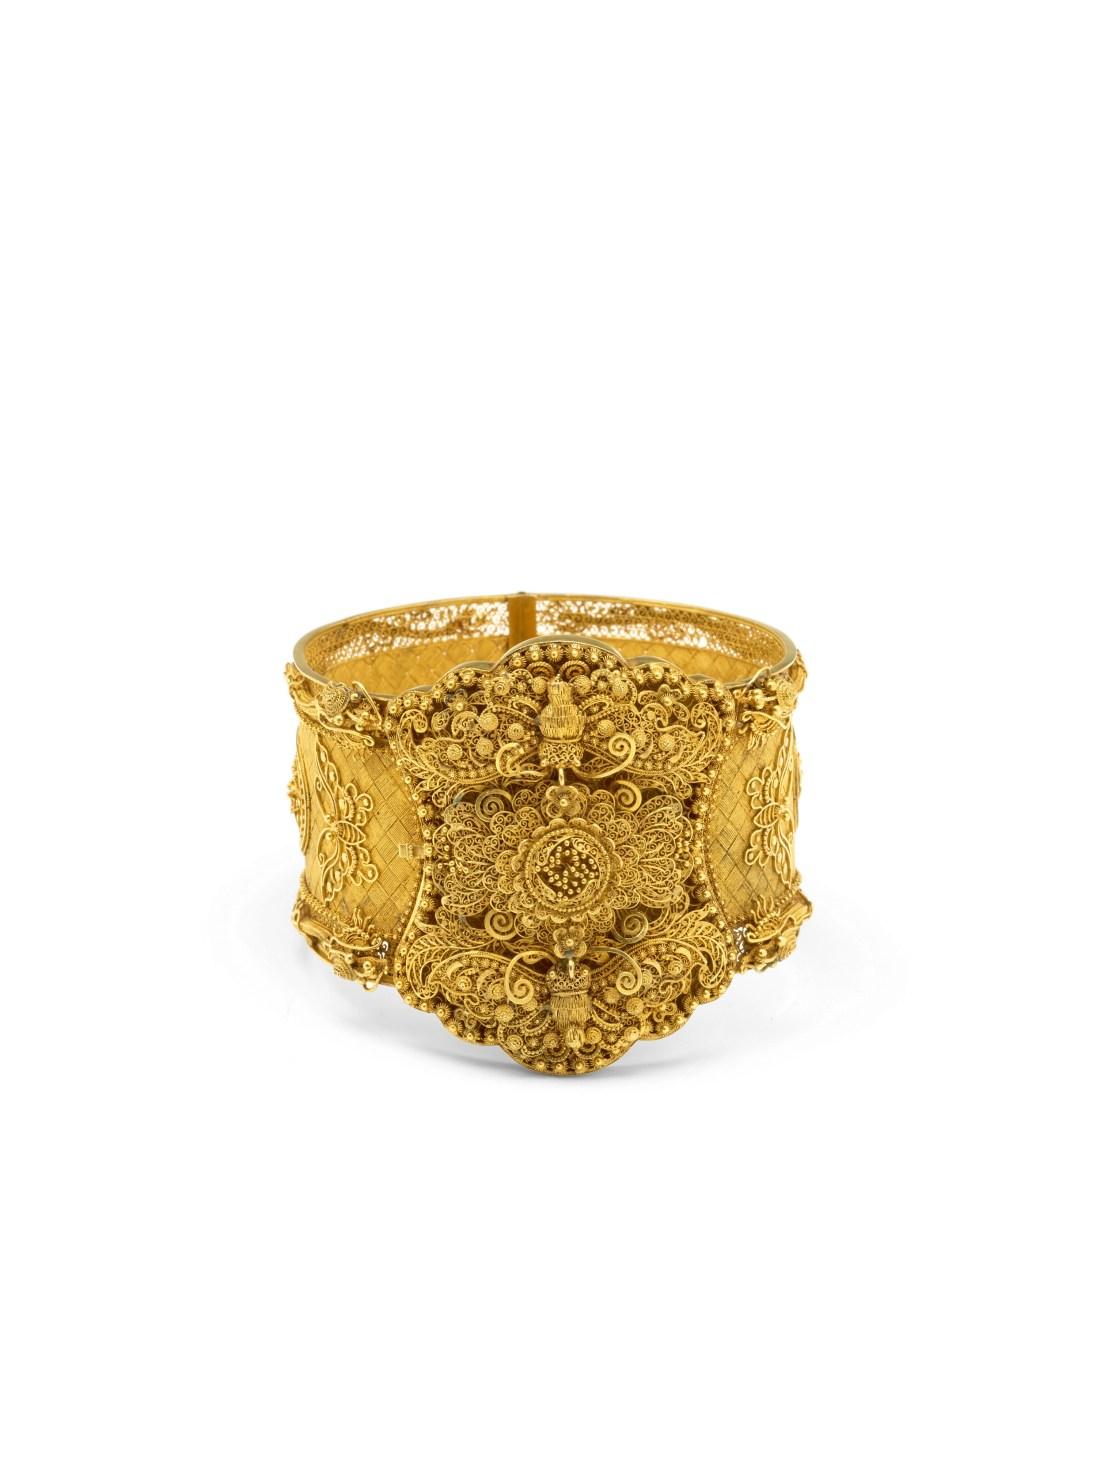 A COMMEMORATIVE GOLD BRACELET 1839-1841